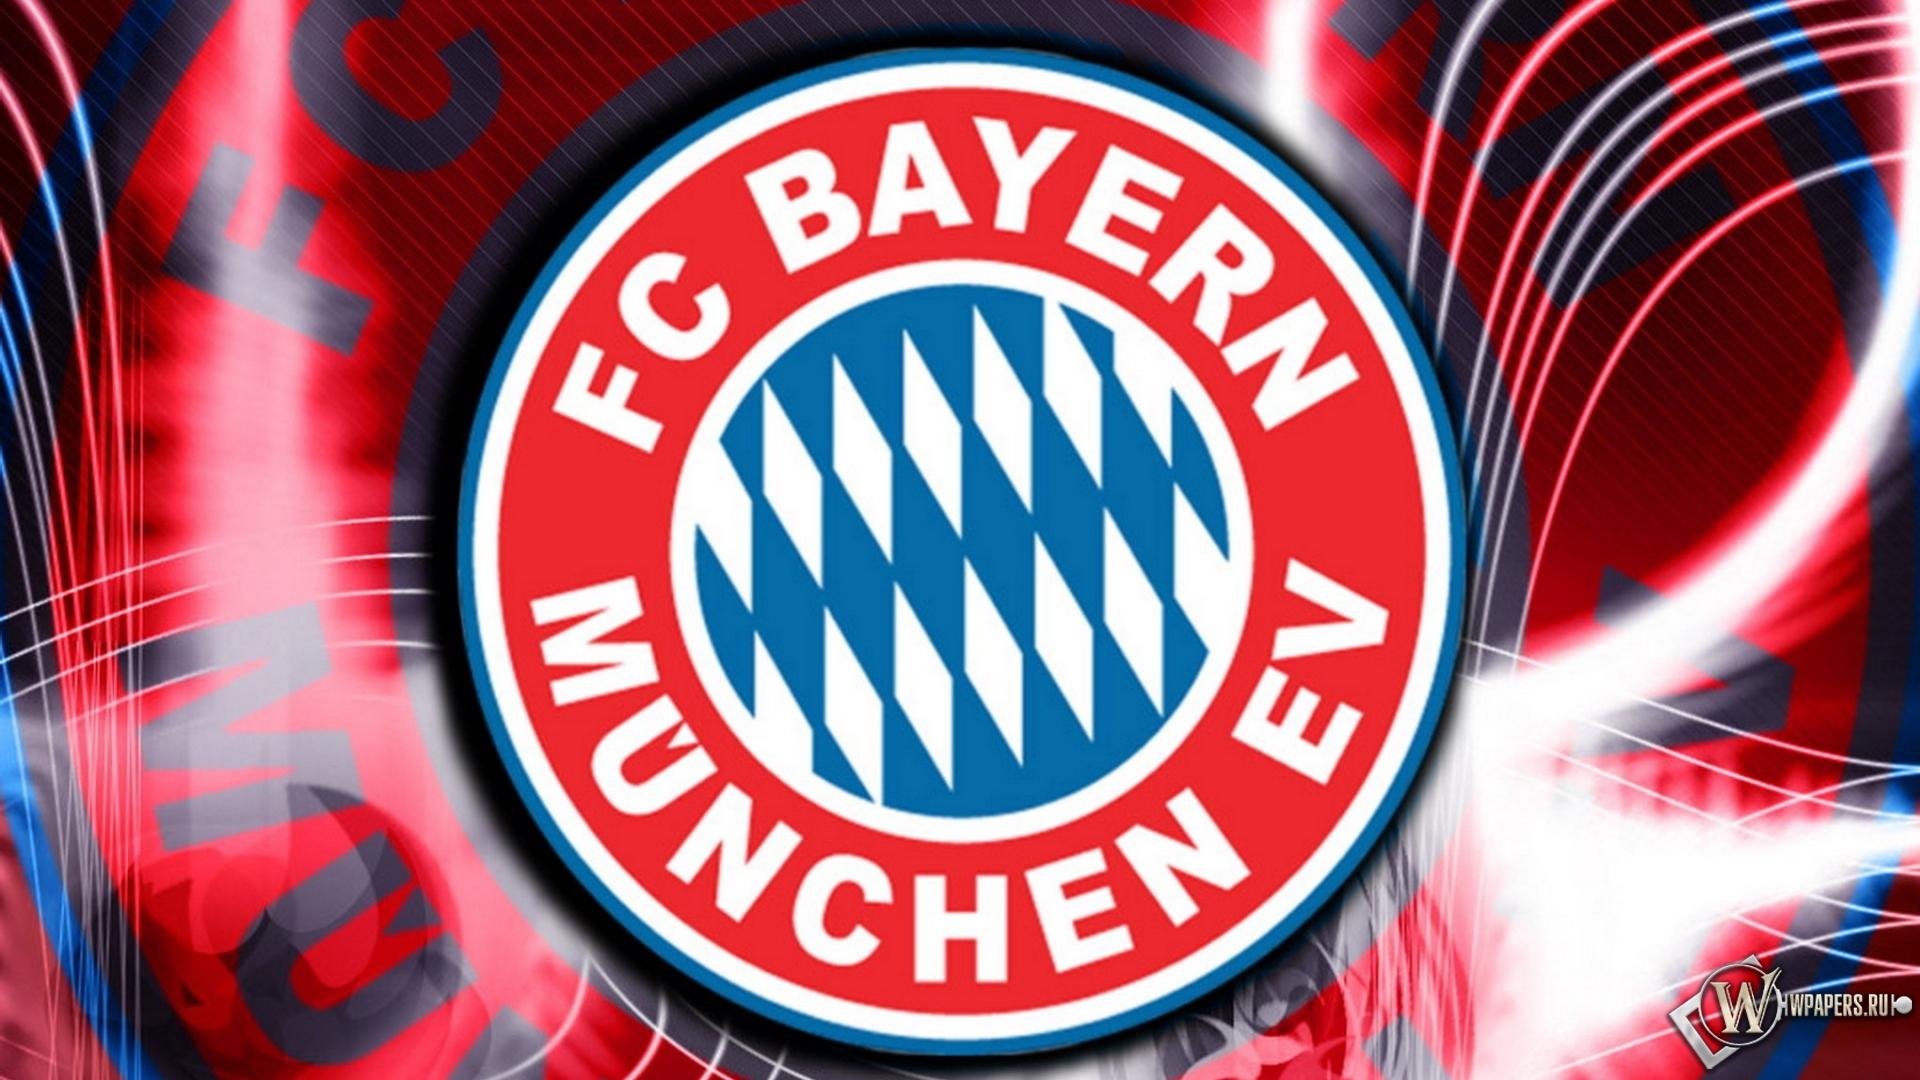 Бавария мюнхен футбольный клуб официальный сайт